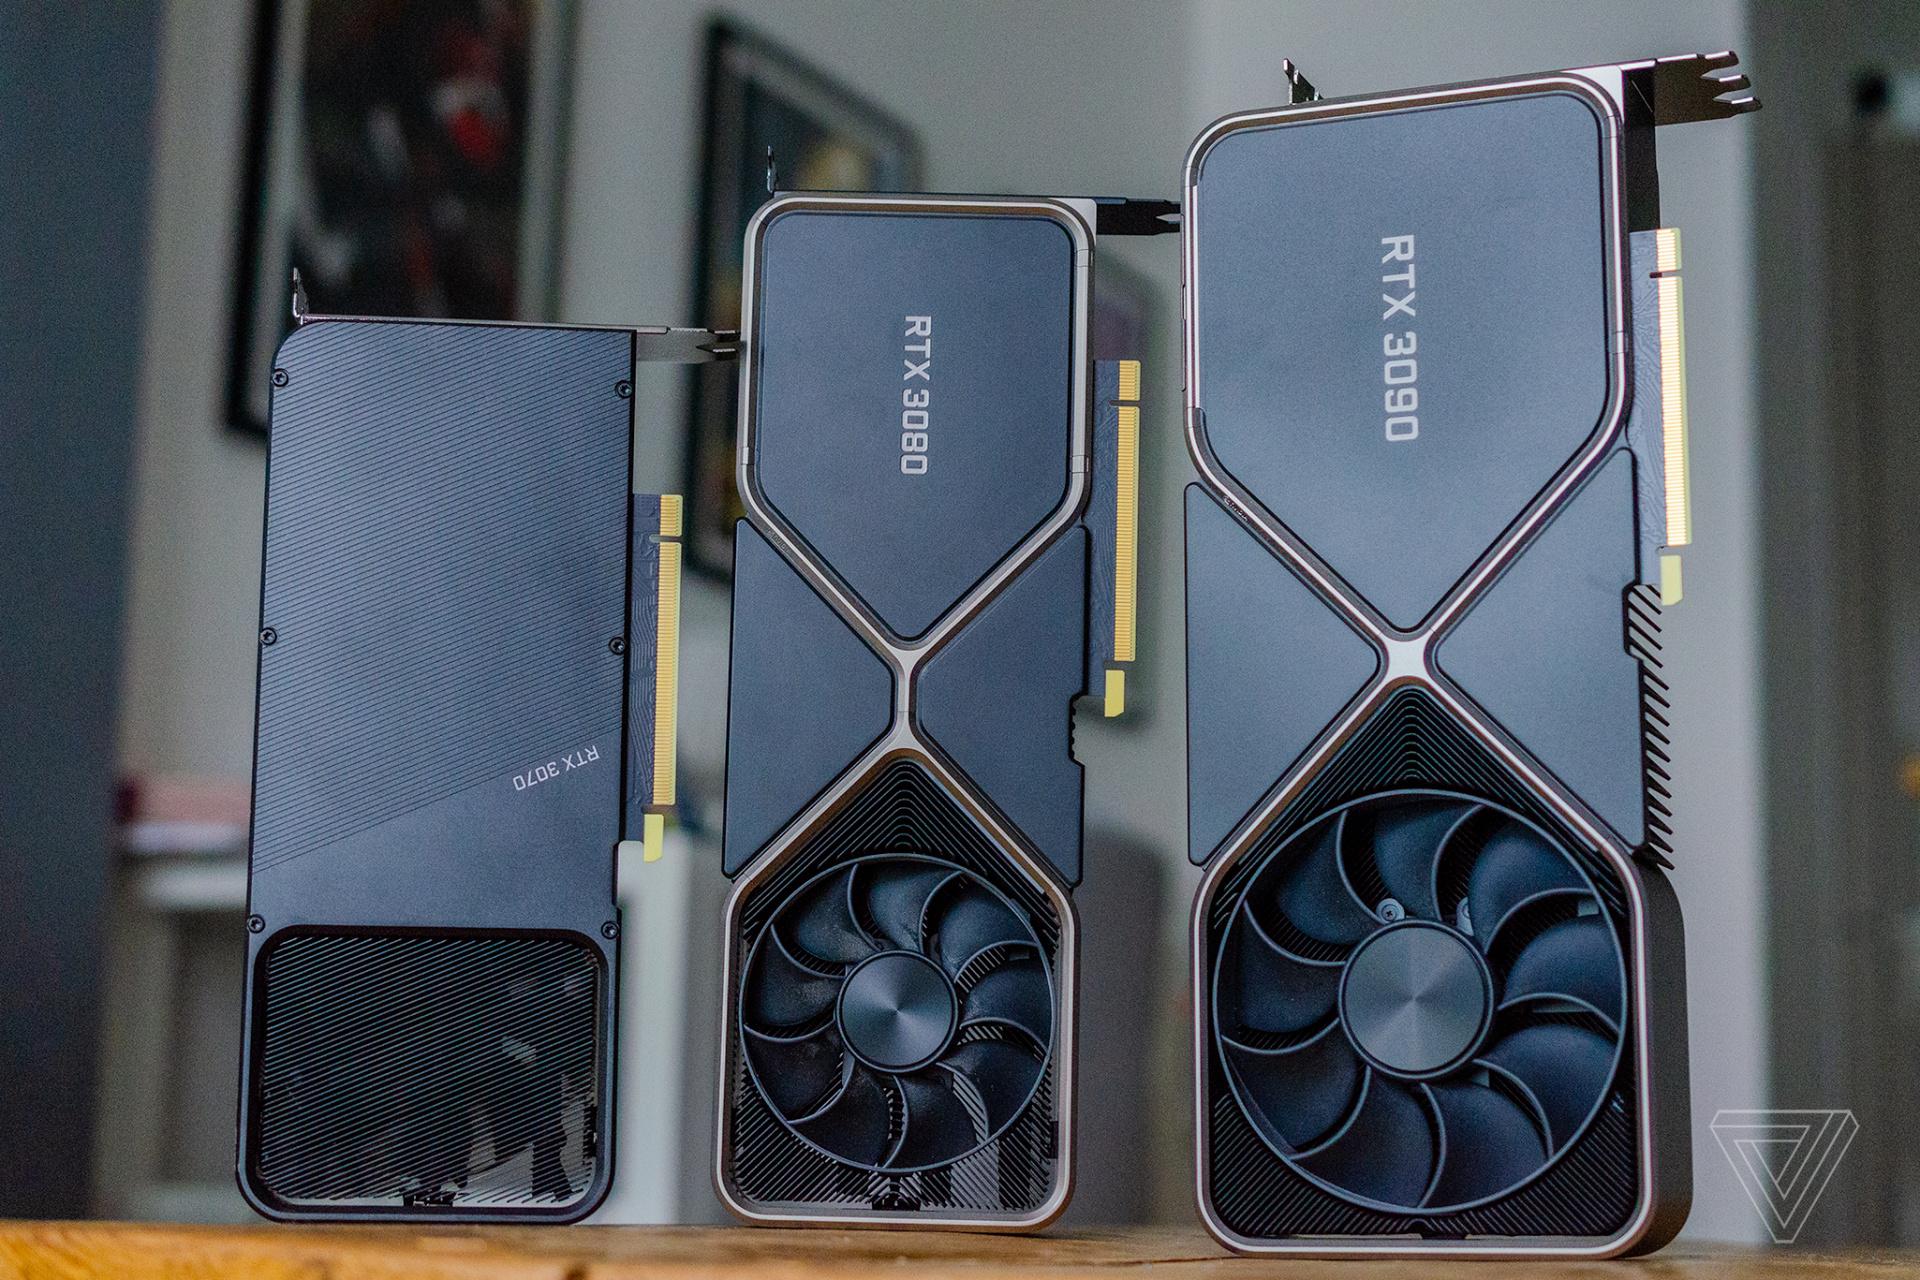 СМИ протестировали NVIDIA GeForce RTX 3070 — как новинка показывает себя в играх?